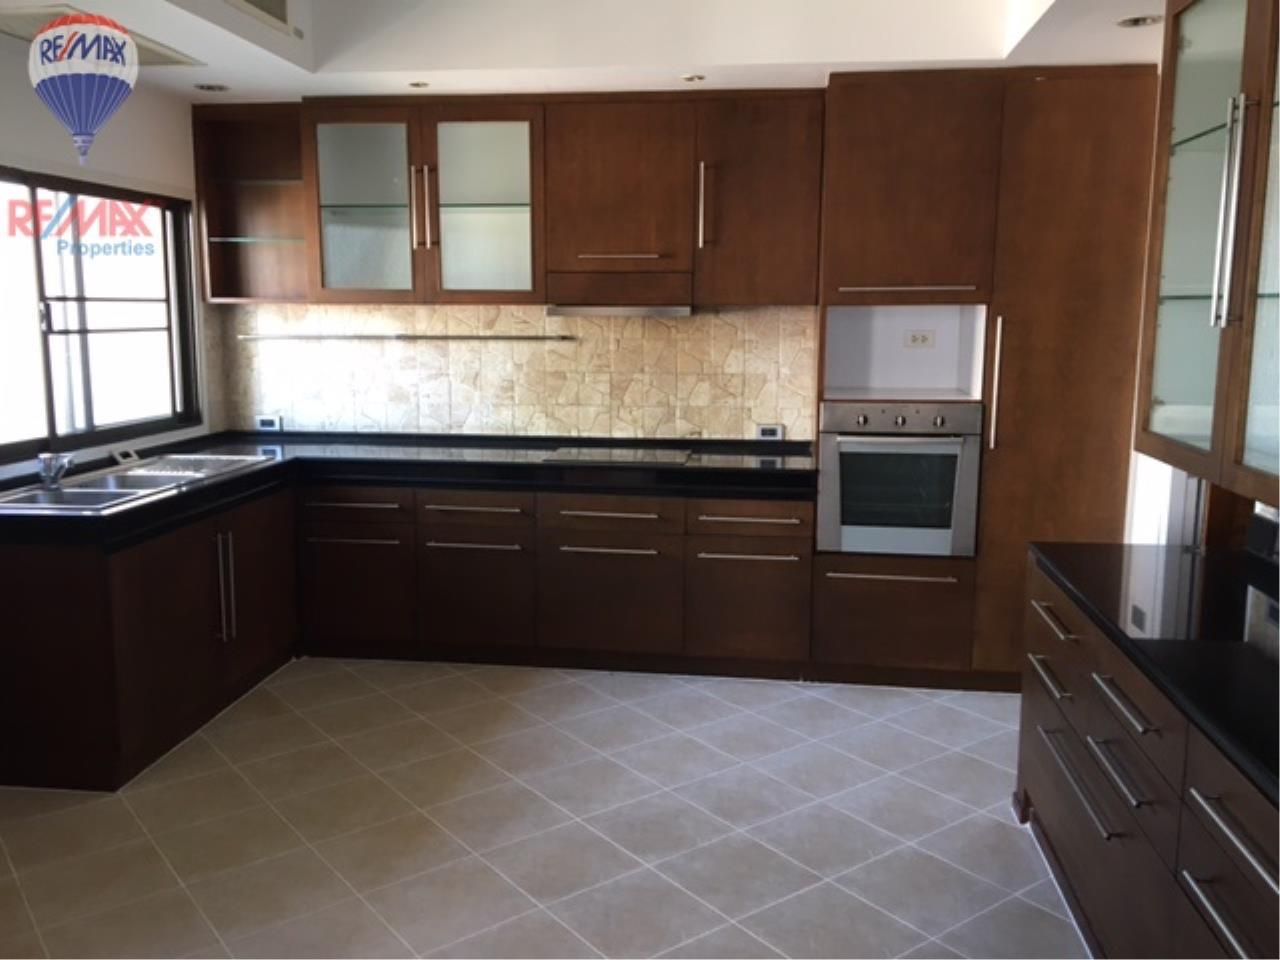 RE/MAX Properties Agency's 4 Bedroom 330 Sq.m high floor for rent in Soi 39 9